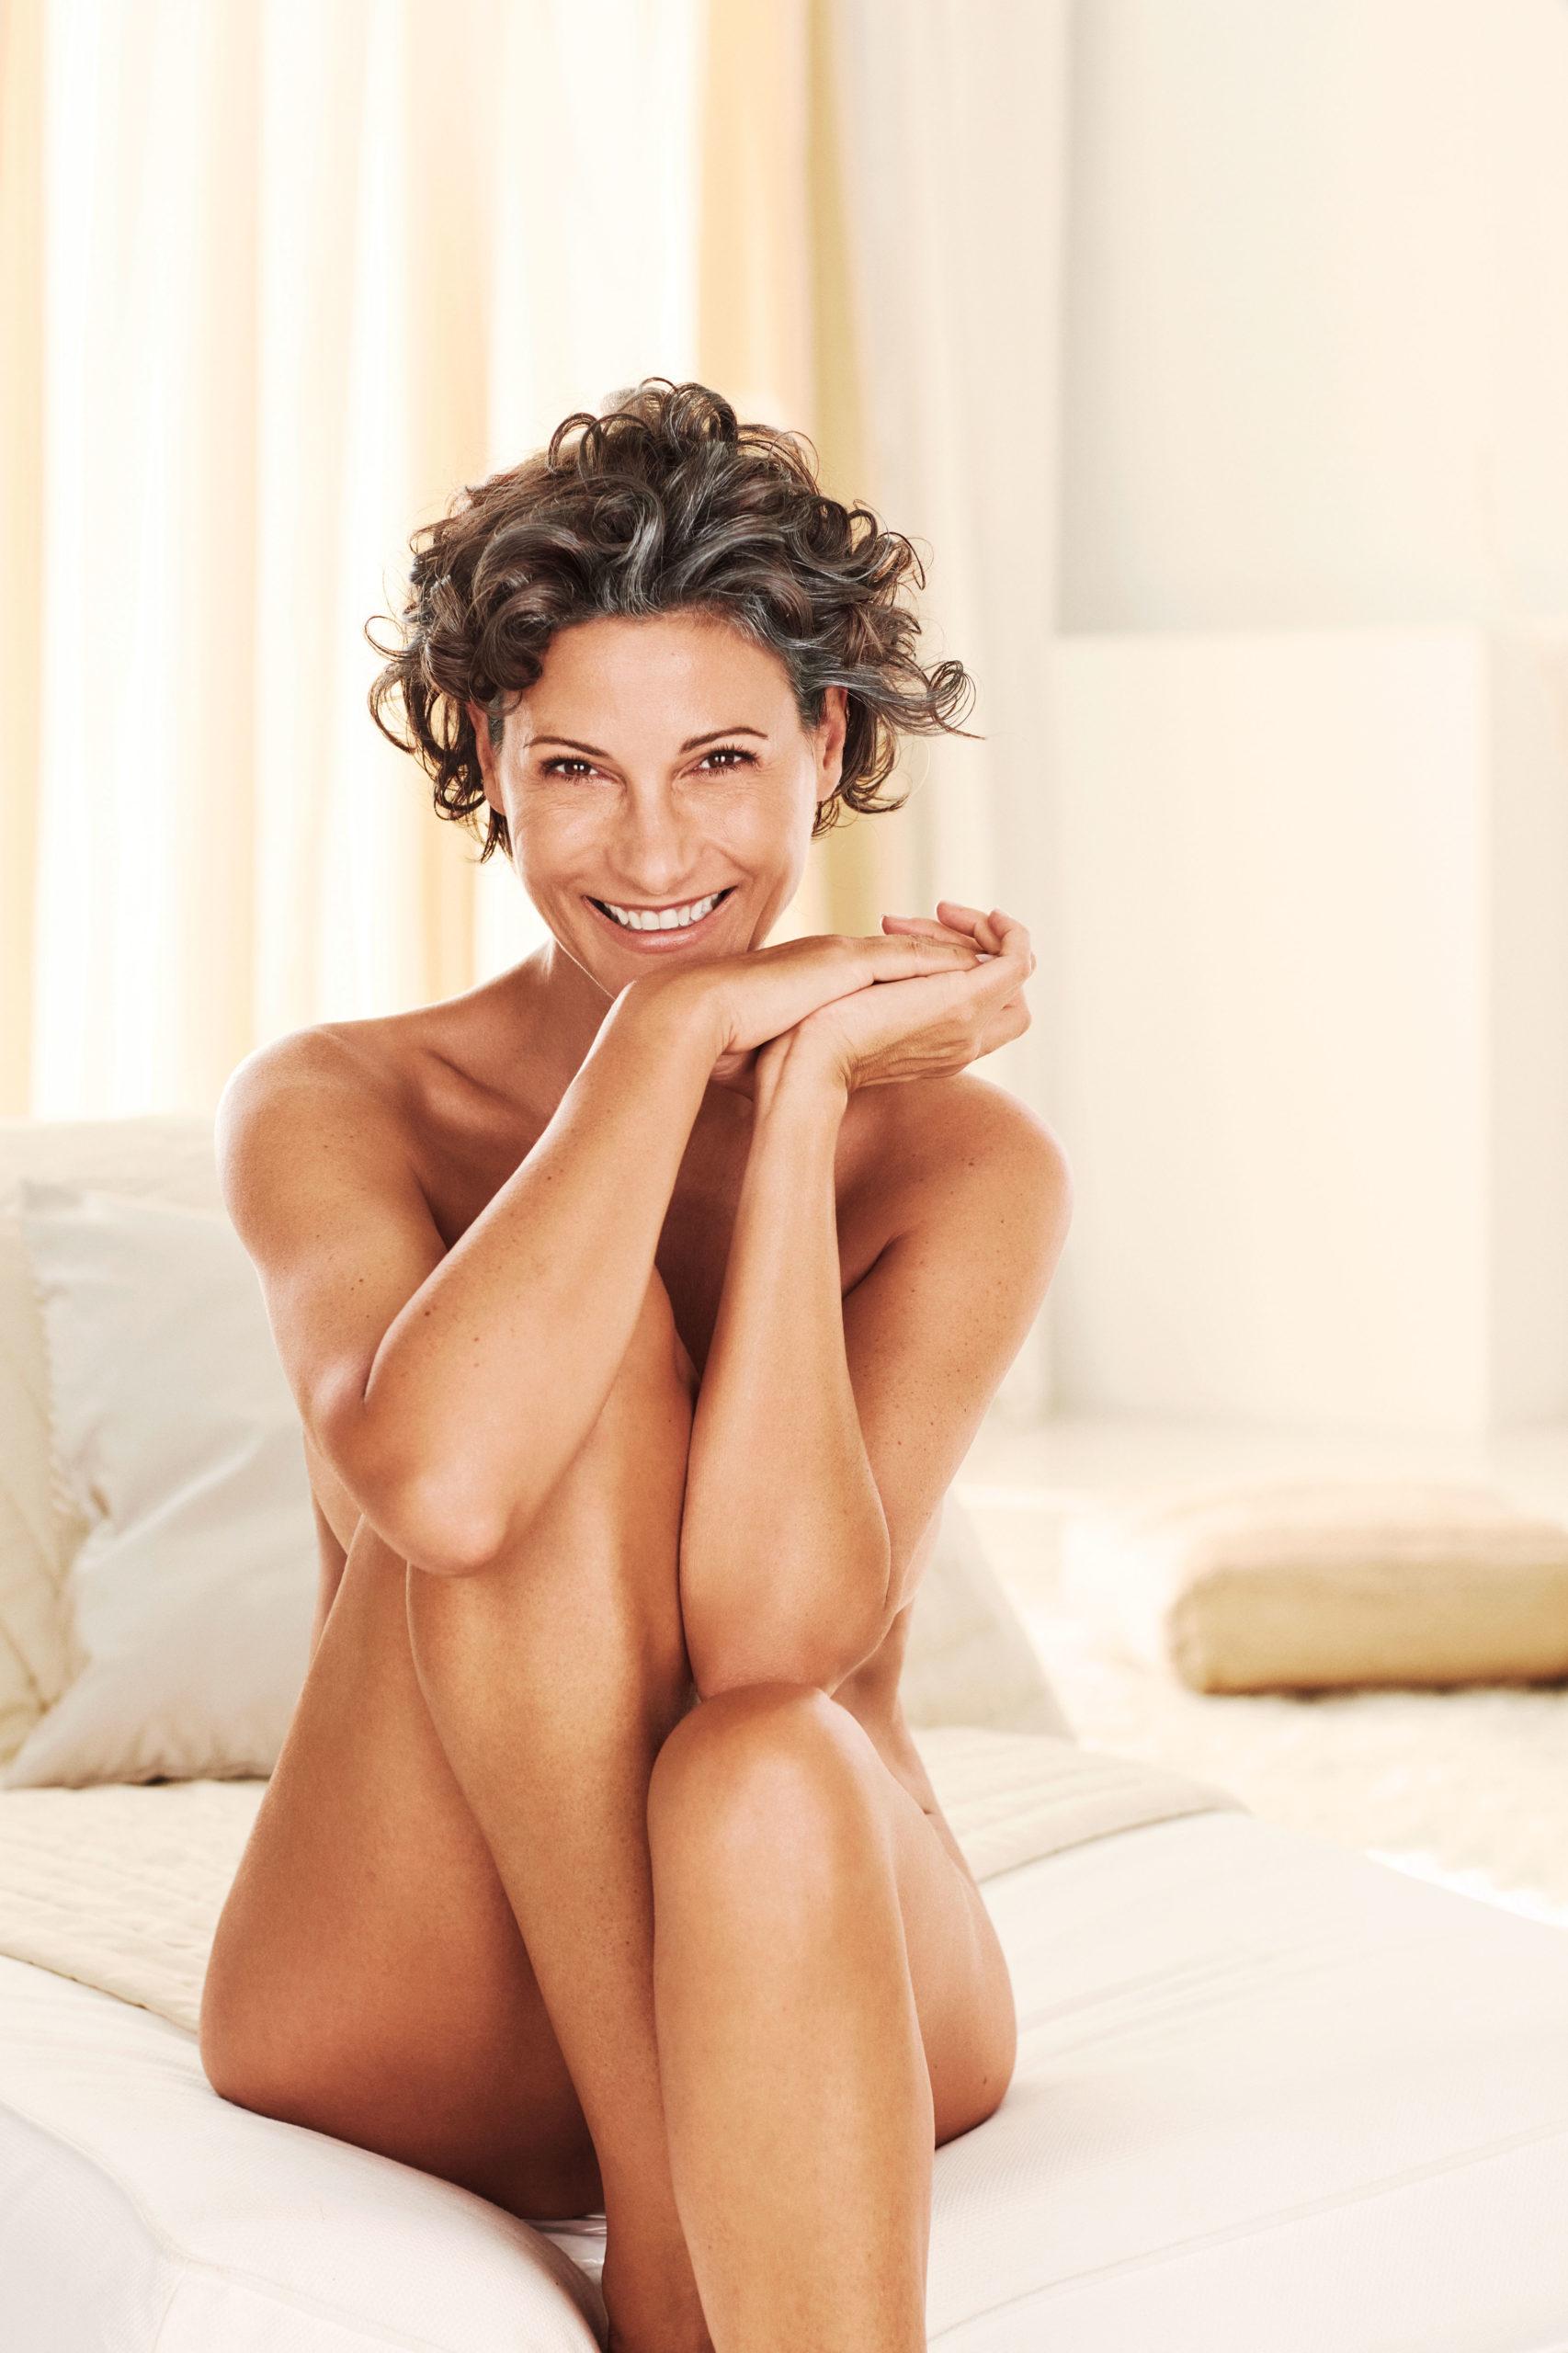 Reife schöne Frau-Tägliche Schönheitspflege leicht gemacht